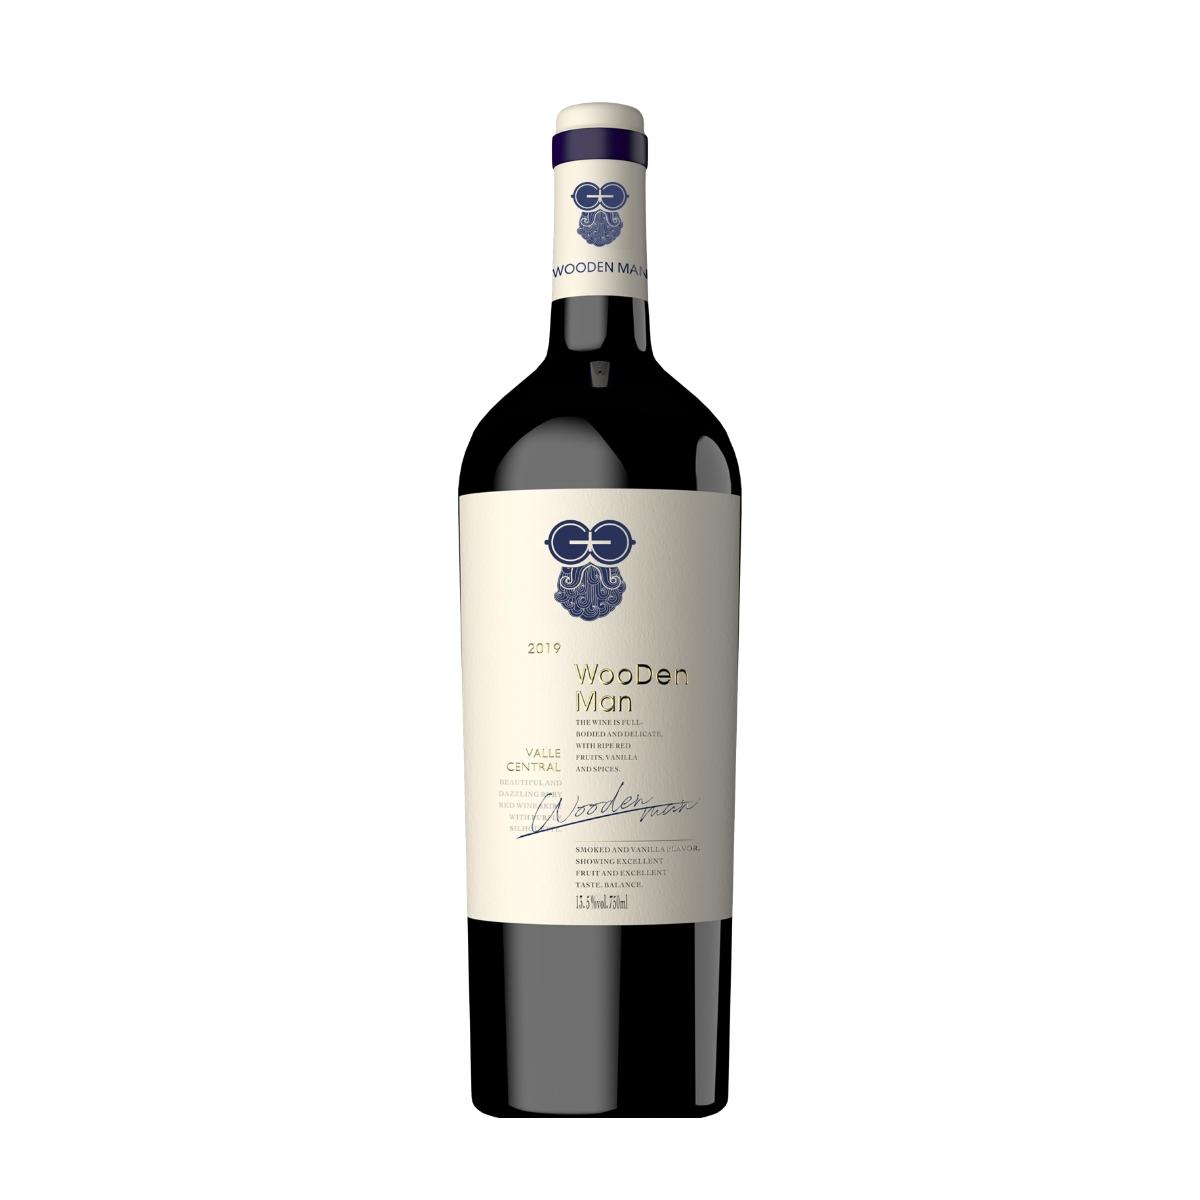 智利莫莱谷木翁先生精选赤霞珠红葡萄酒红酒